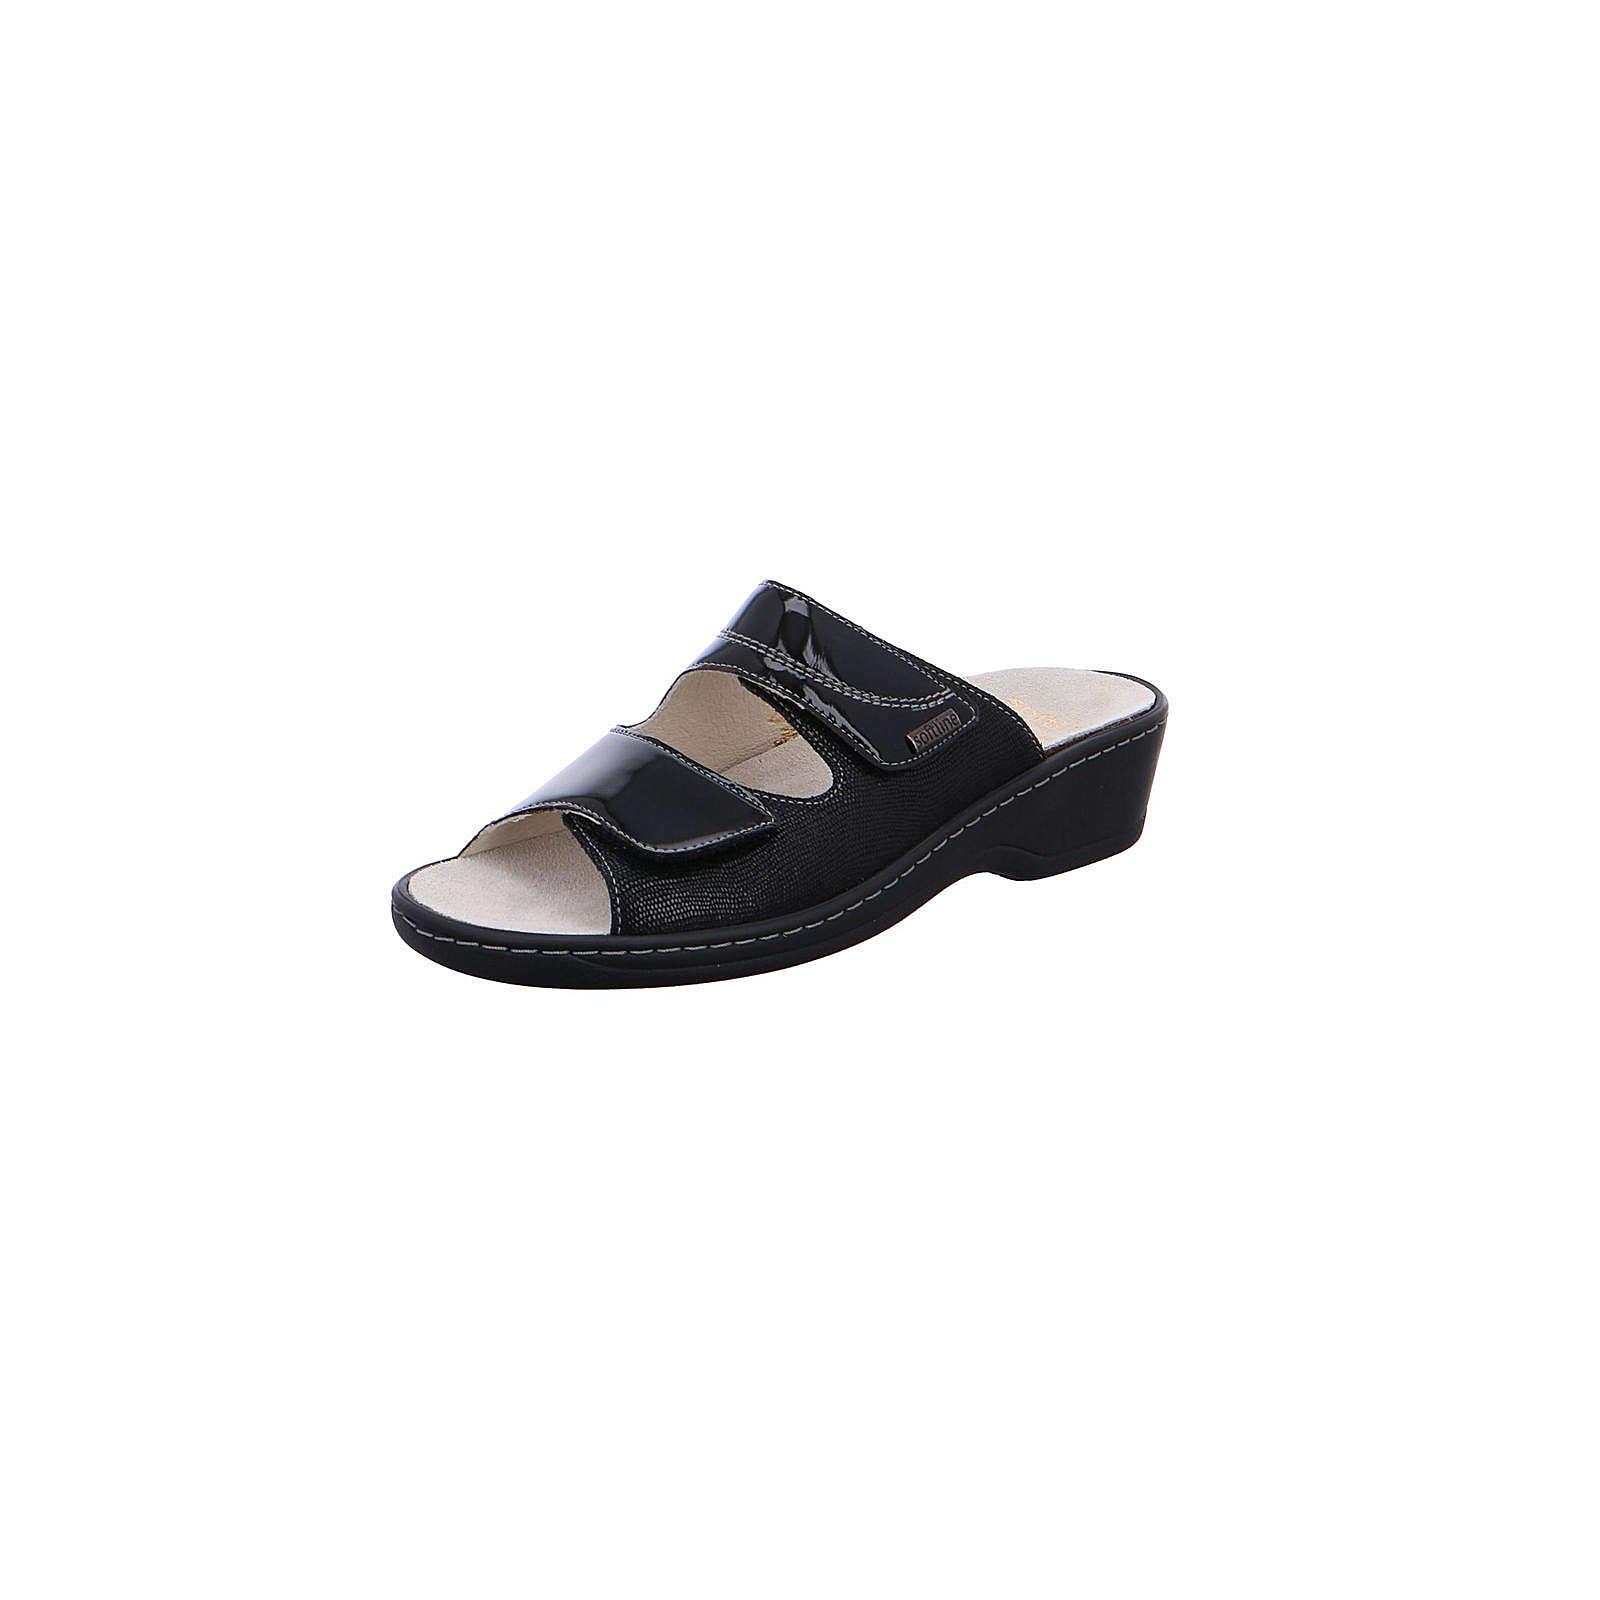 Fidelio Komfort-Pantoletten schwarz Damen Gr. 42